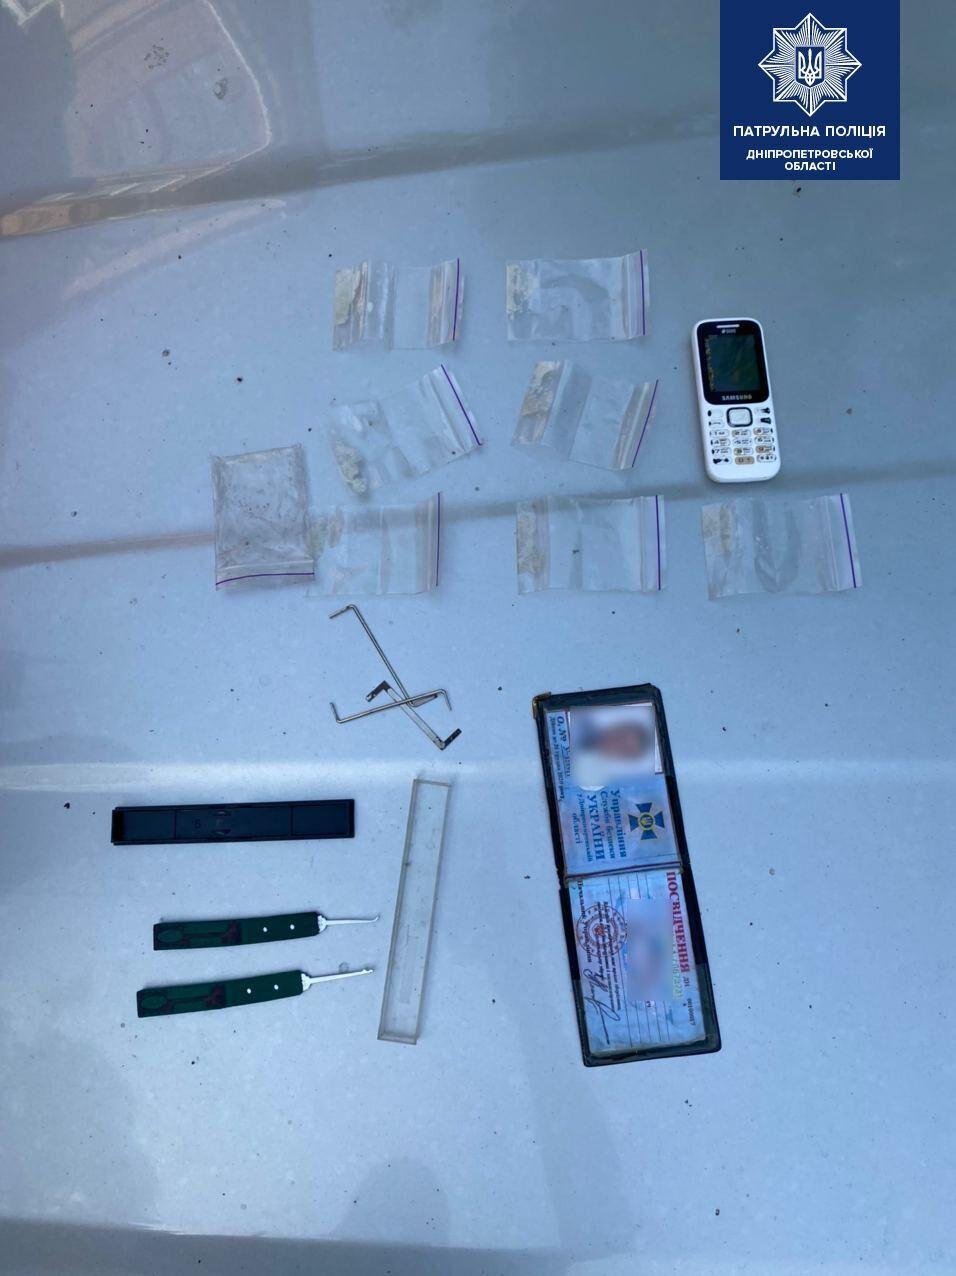 В Днепре лжесотрудник СБУ разъезжал по городу с наркотиками. Фото пресс-службы Патрульной полиции Днепропетровской области